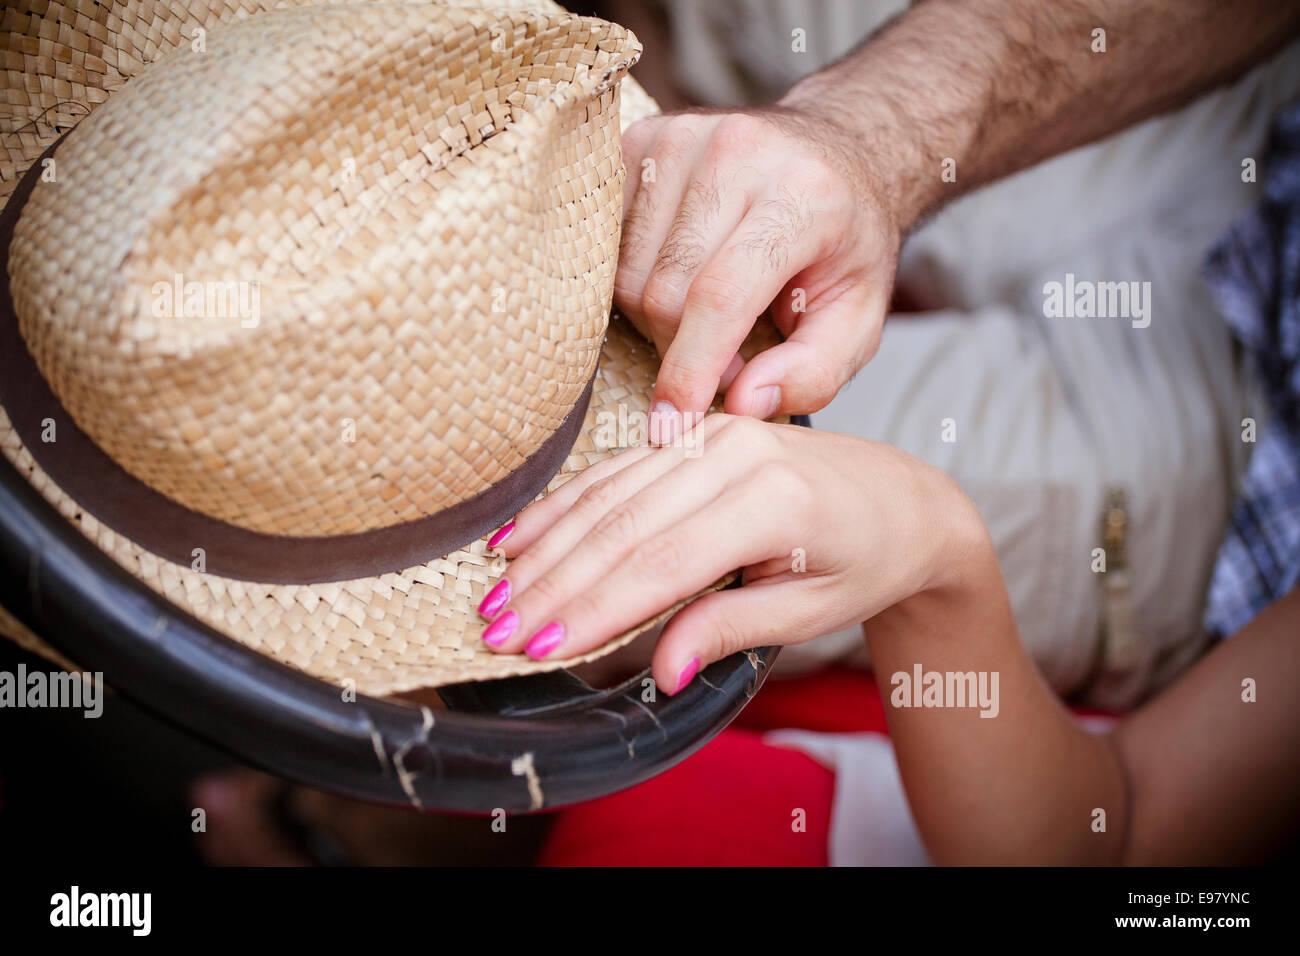 L'homme de toucher la main avec amour de femme Photo Stock